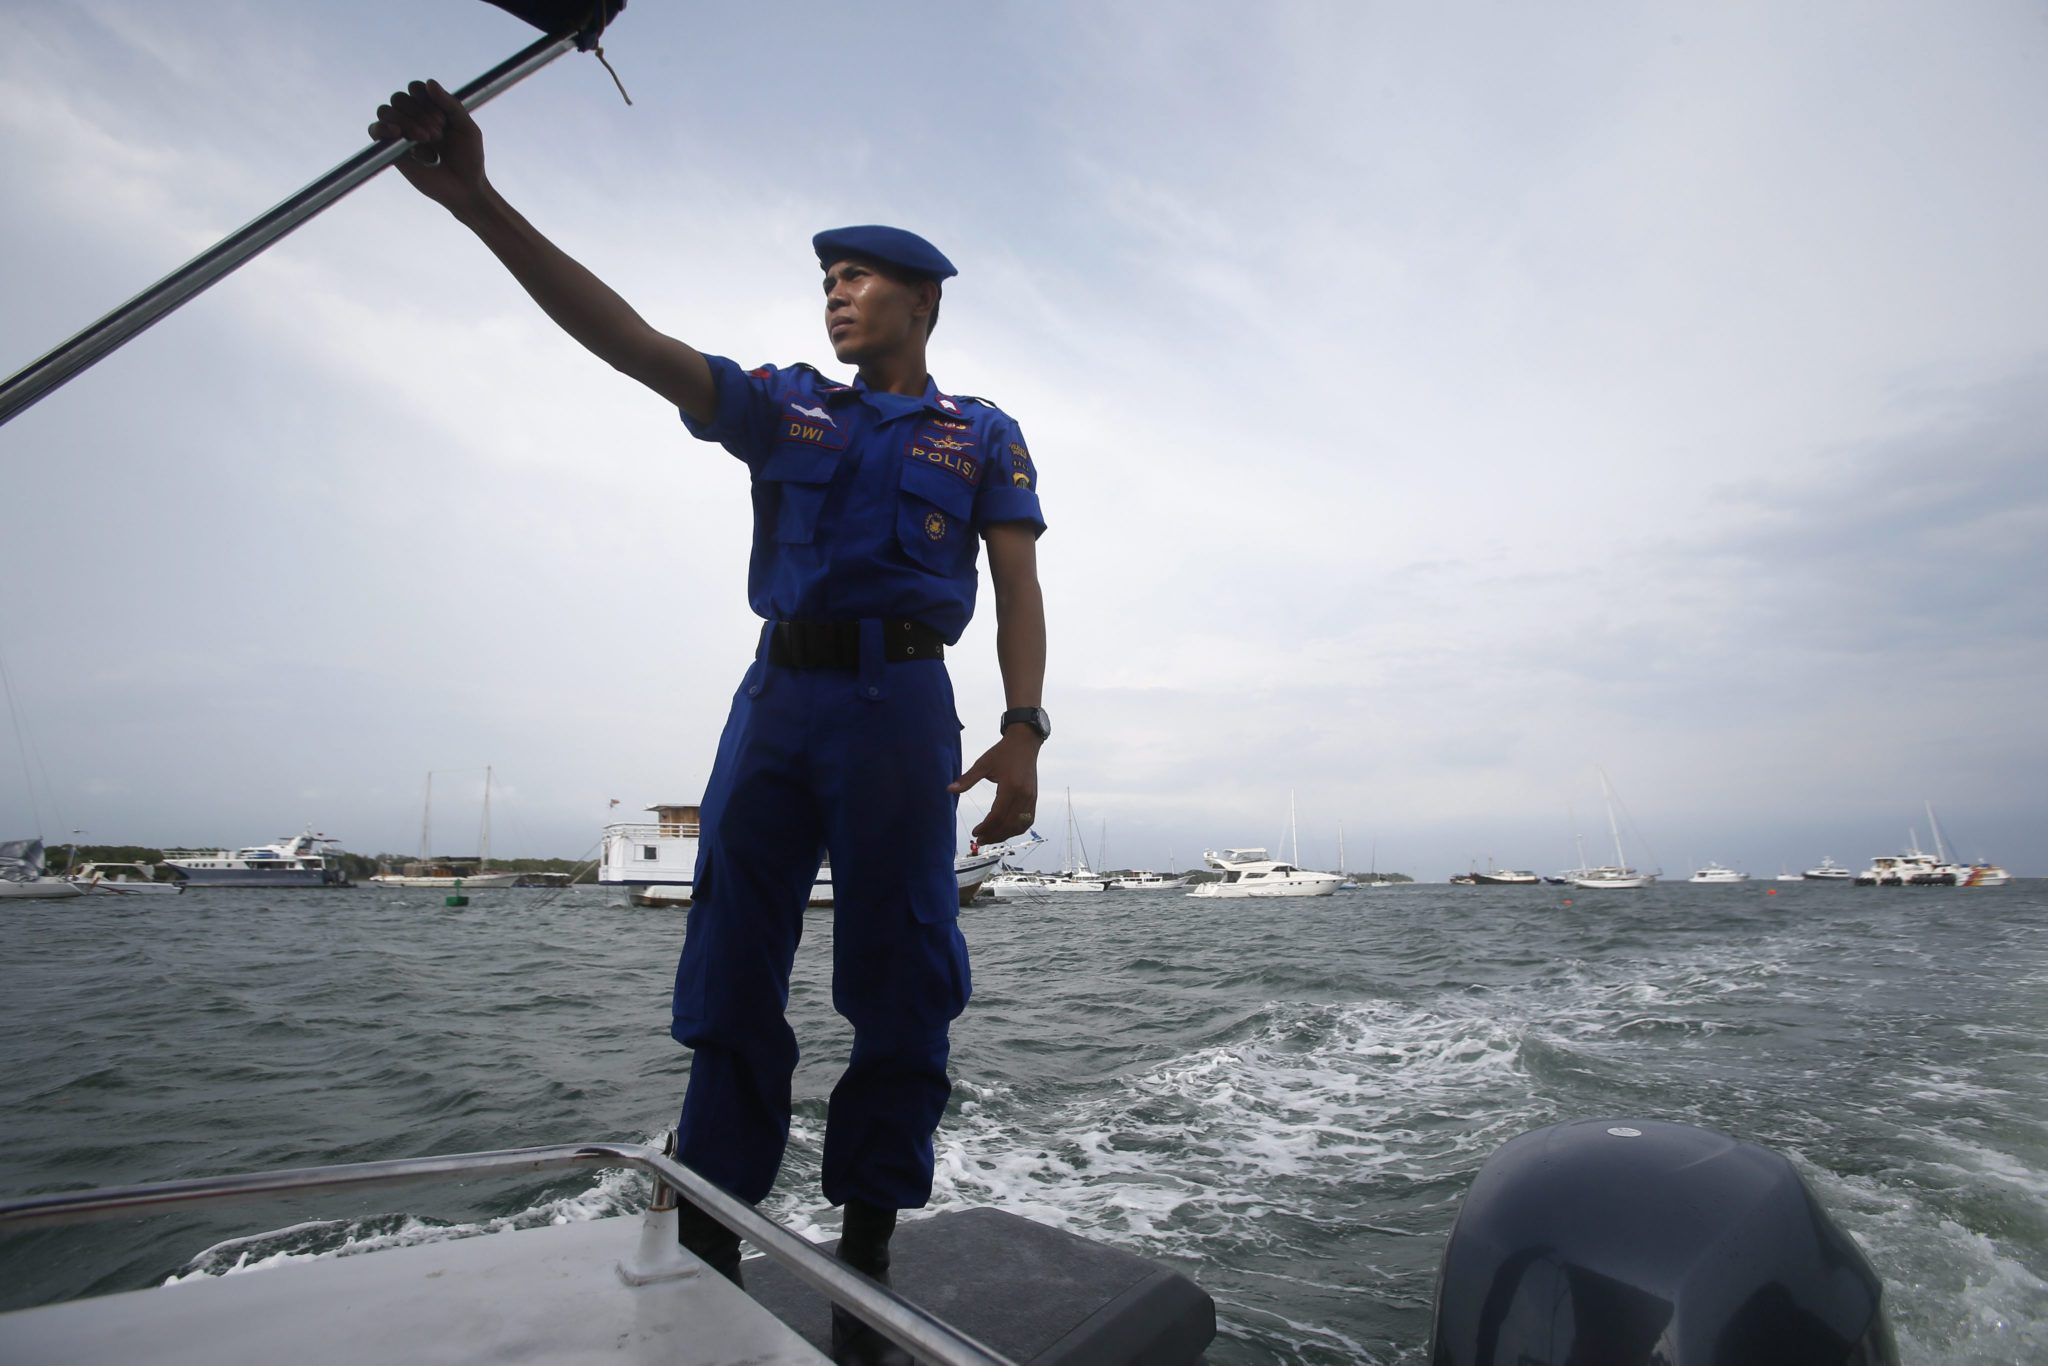 Indonezja: zwiększenie środków bezpieczeństwa przed zbliżającymi się świętami i Sylwestrem na Bali (foto. PAP/EPA/MADE NAGI)